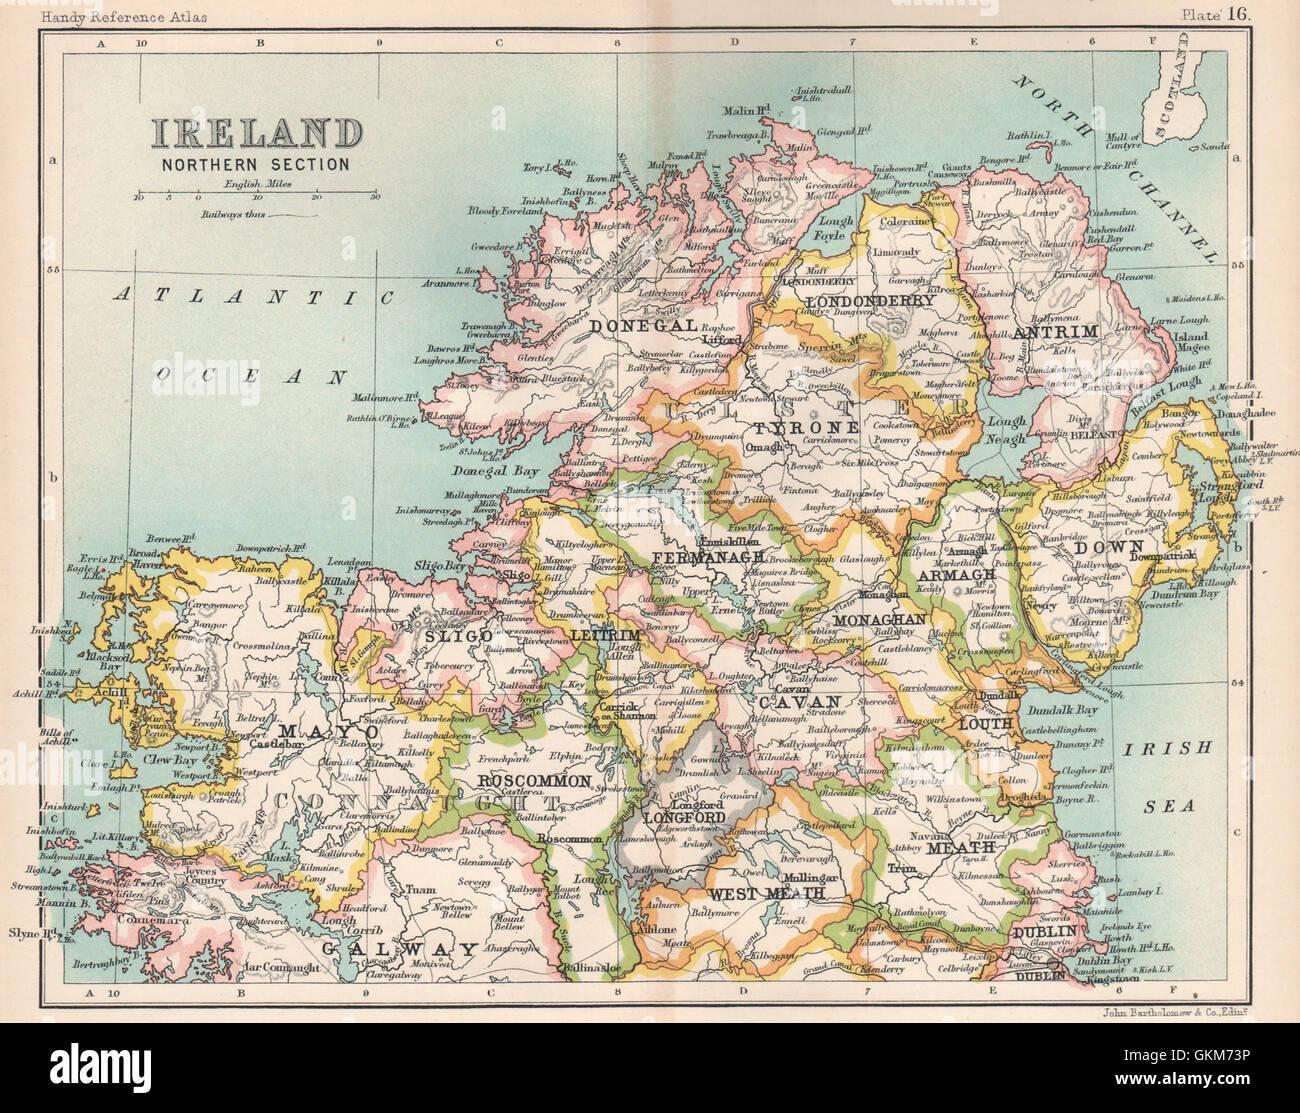 Ireland Northern Section. BARTHOLOMEW, 1904 antique map - Stock Image